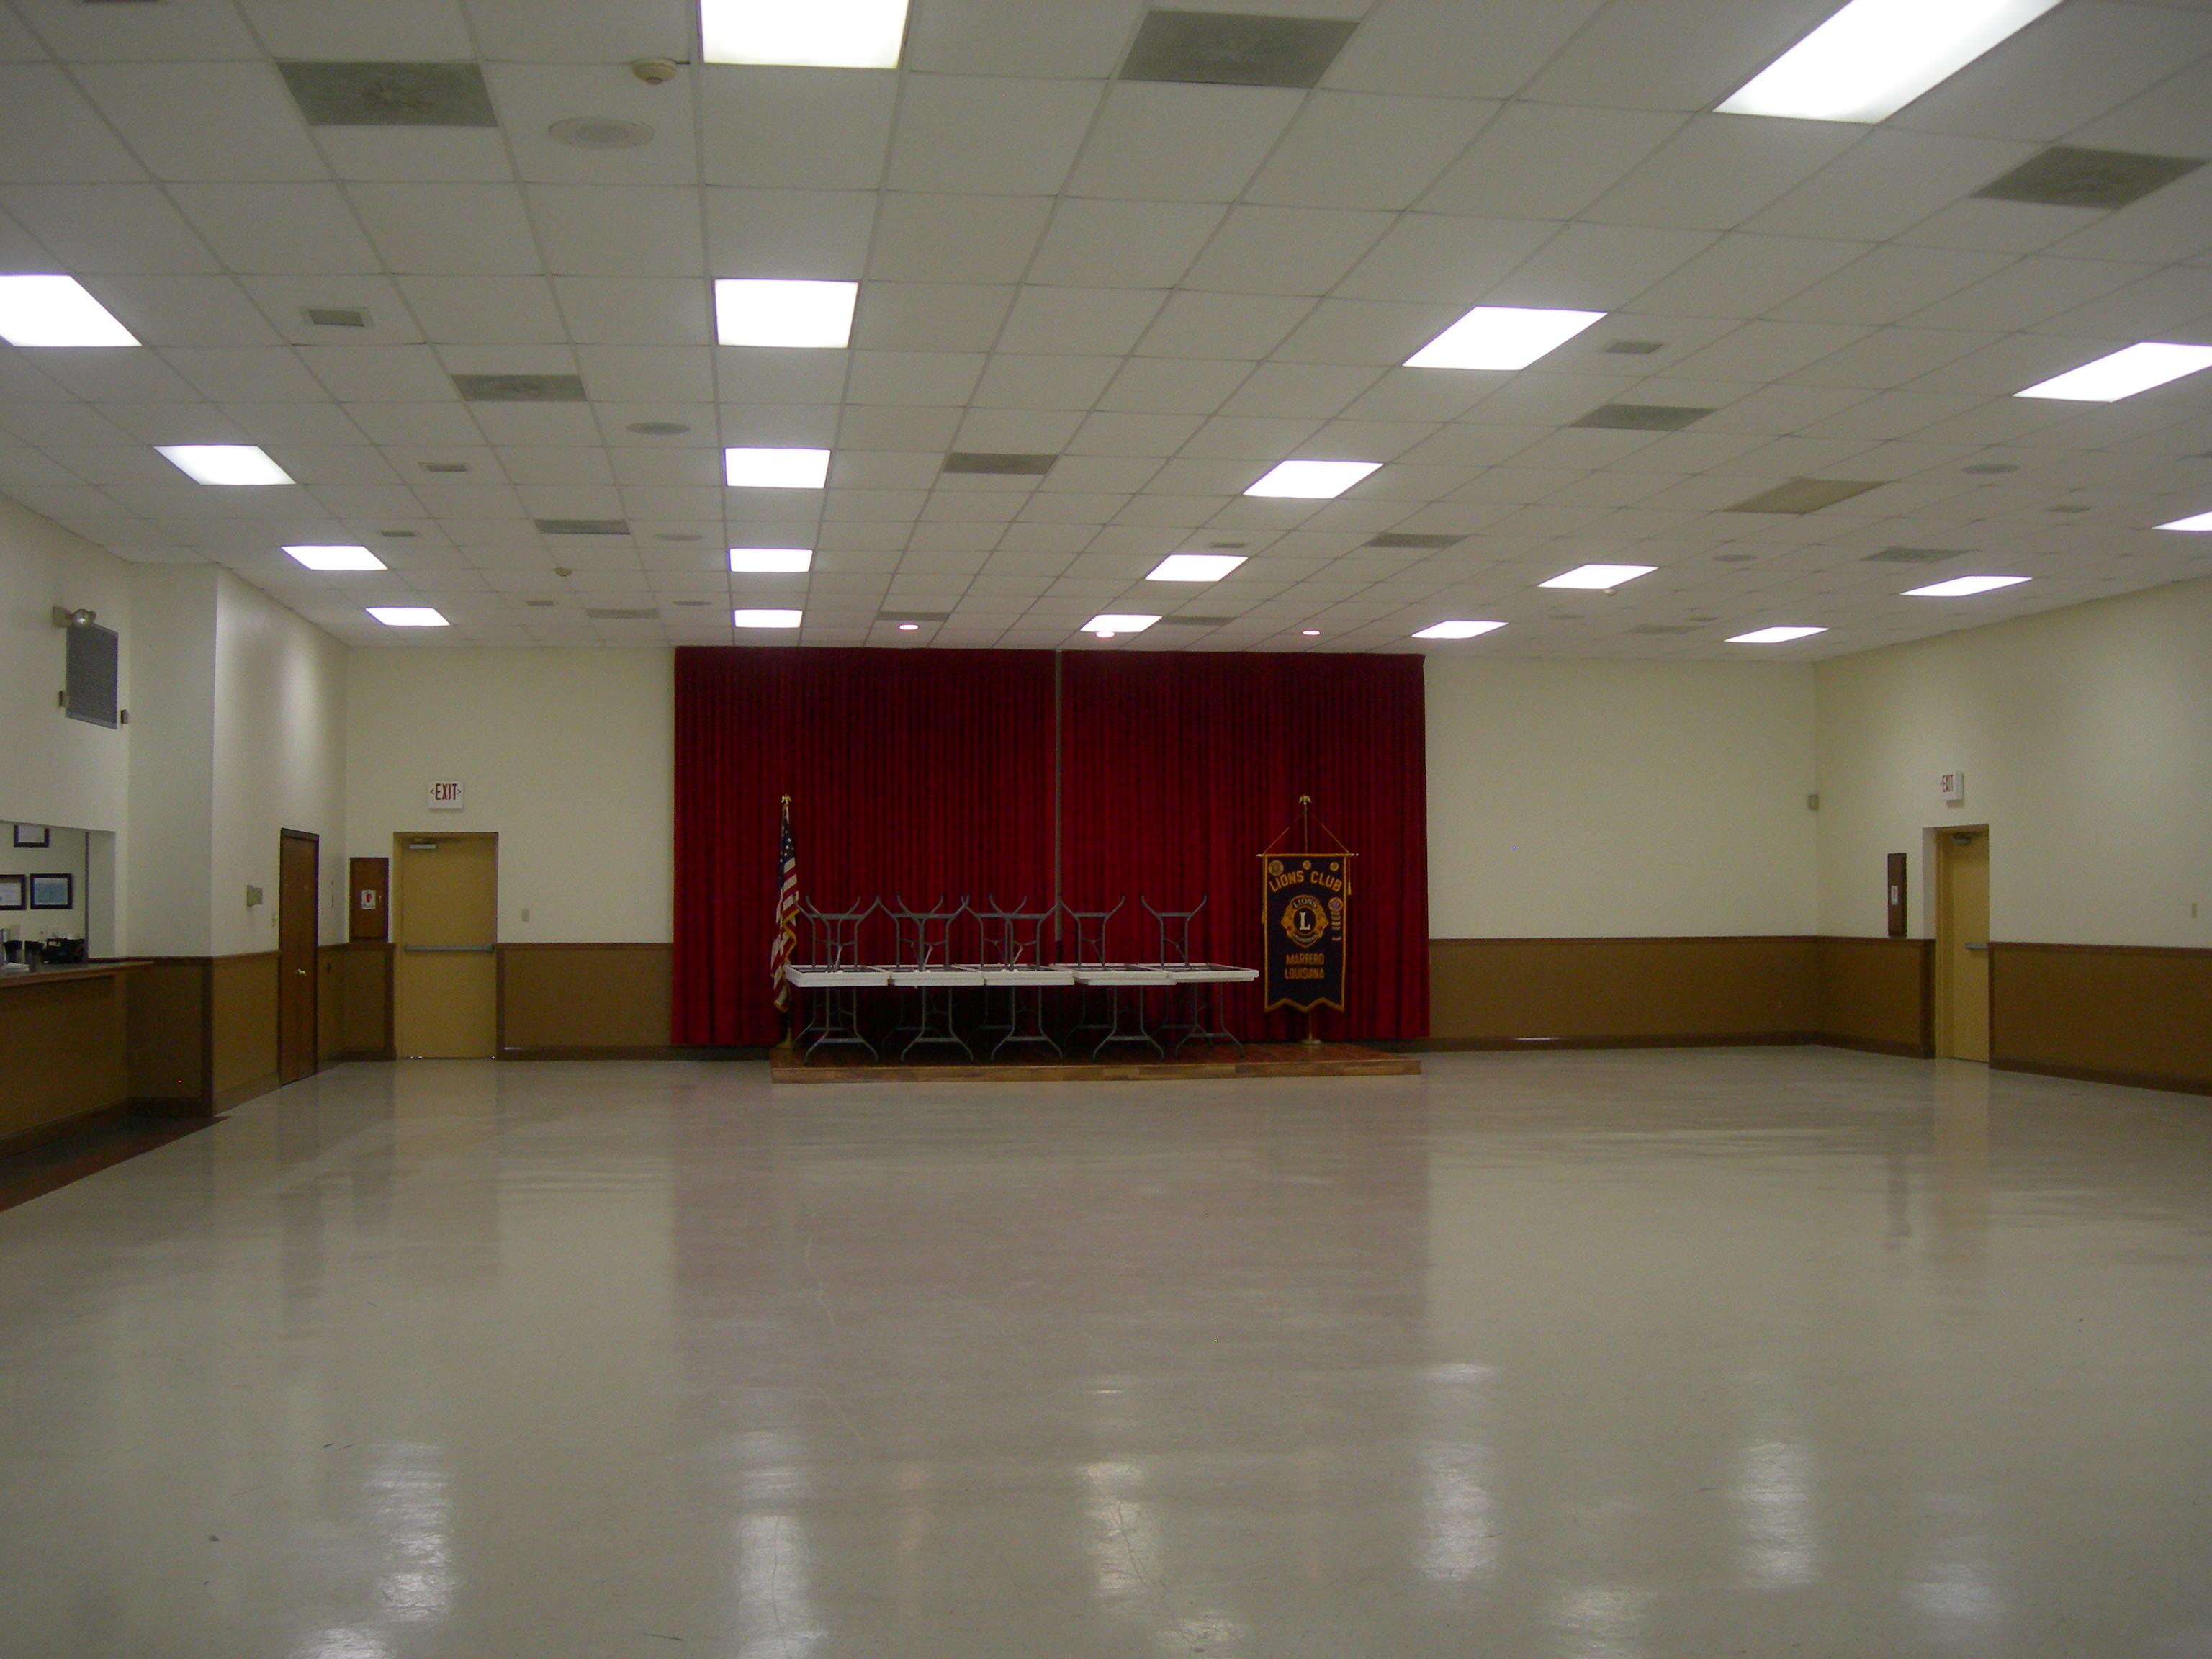 Cypress Garden Reception Hall In Marrero La